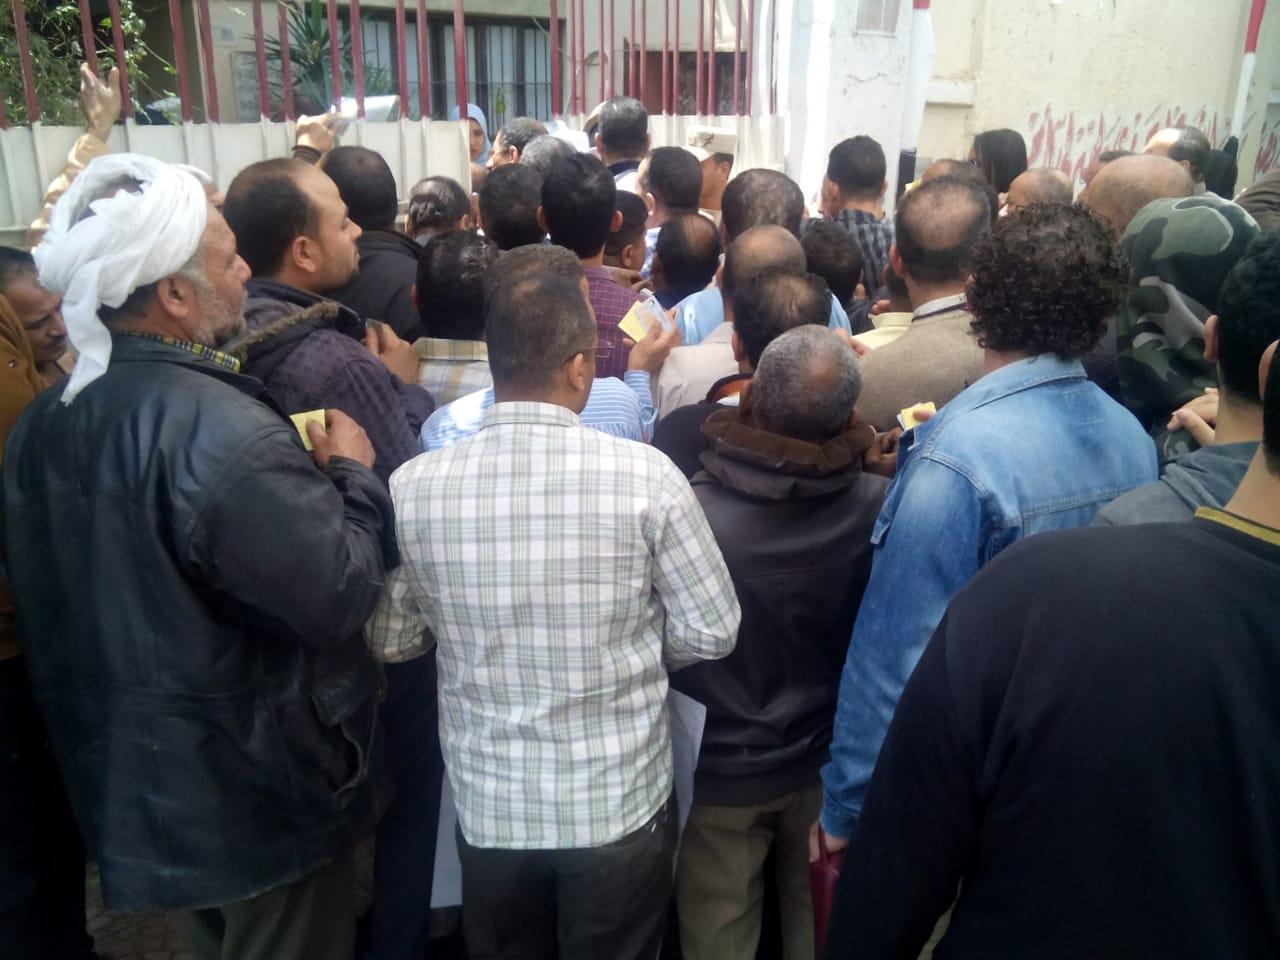 عمال هيئة النقل العام بالقاهرة يشاركون فى استفتاء الدستور (2)